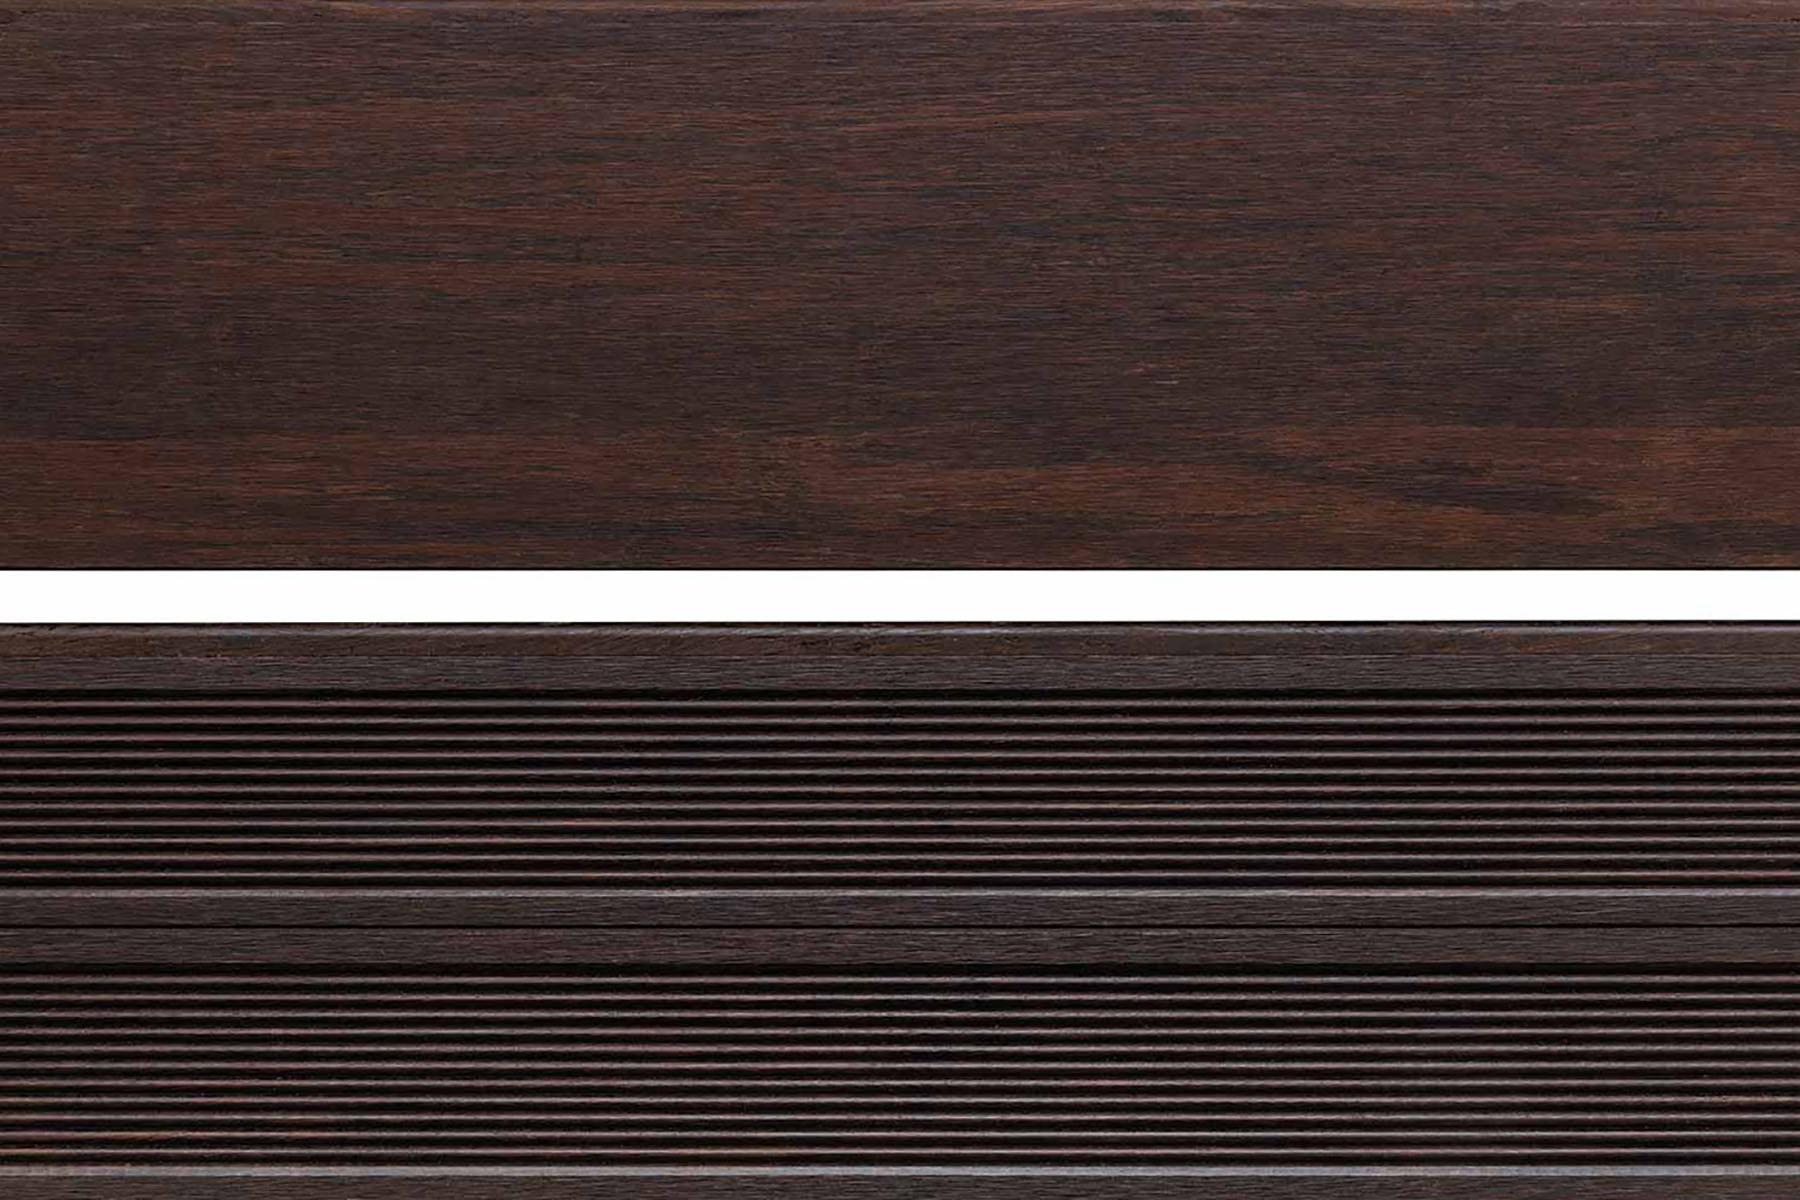 Classic Espresso 1x4 Porch Flooring T Amp G Fused Bamboo